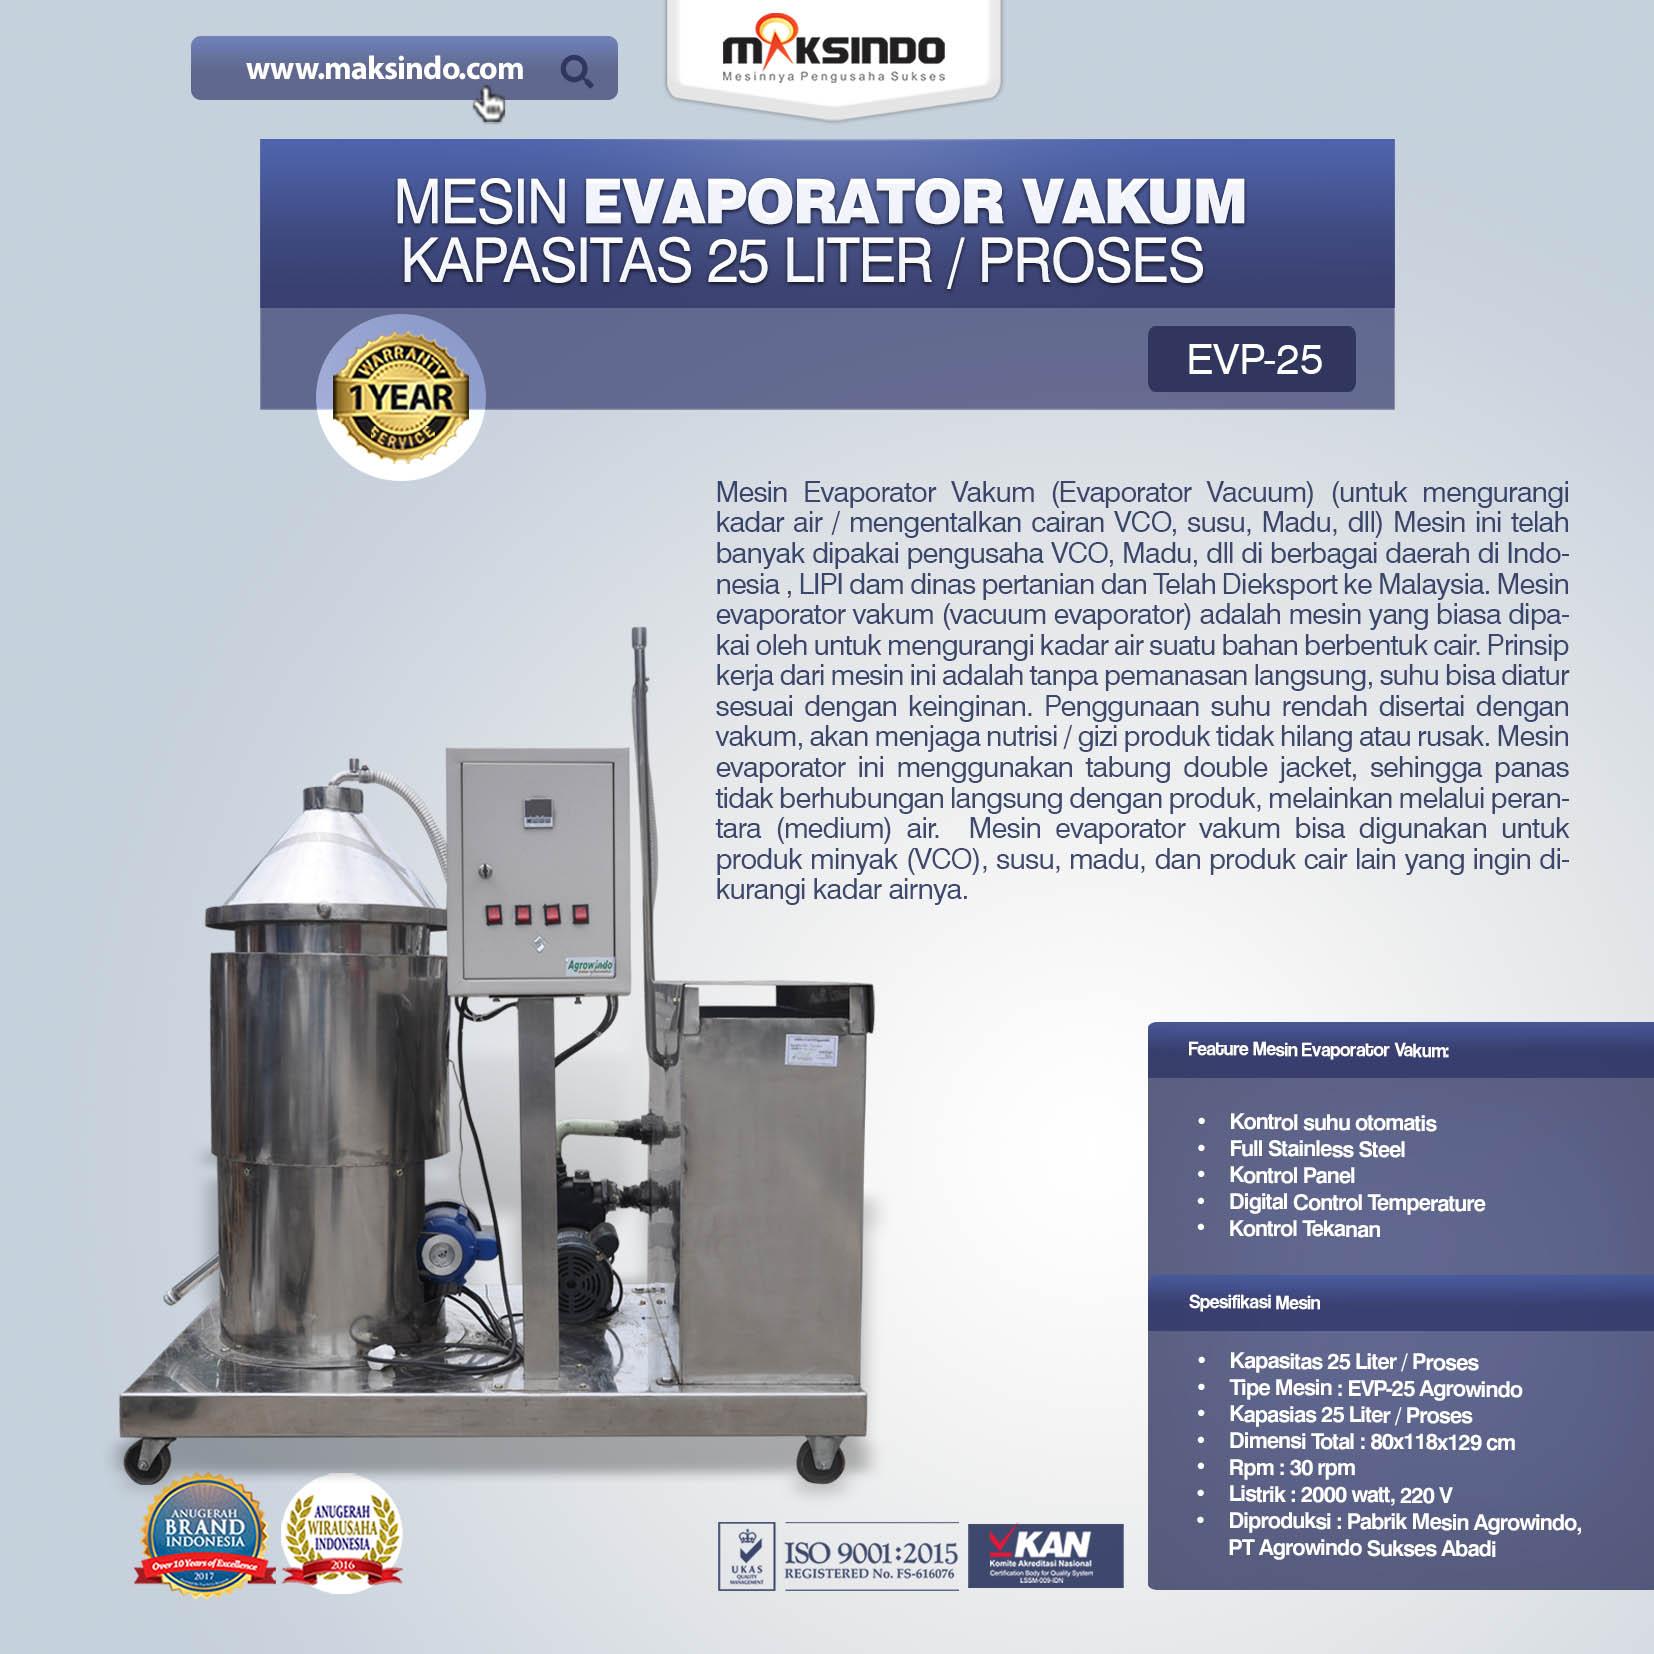 Jual Mesin Evaporator Vakum di Malang